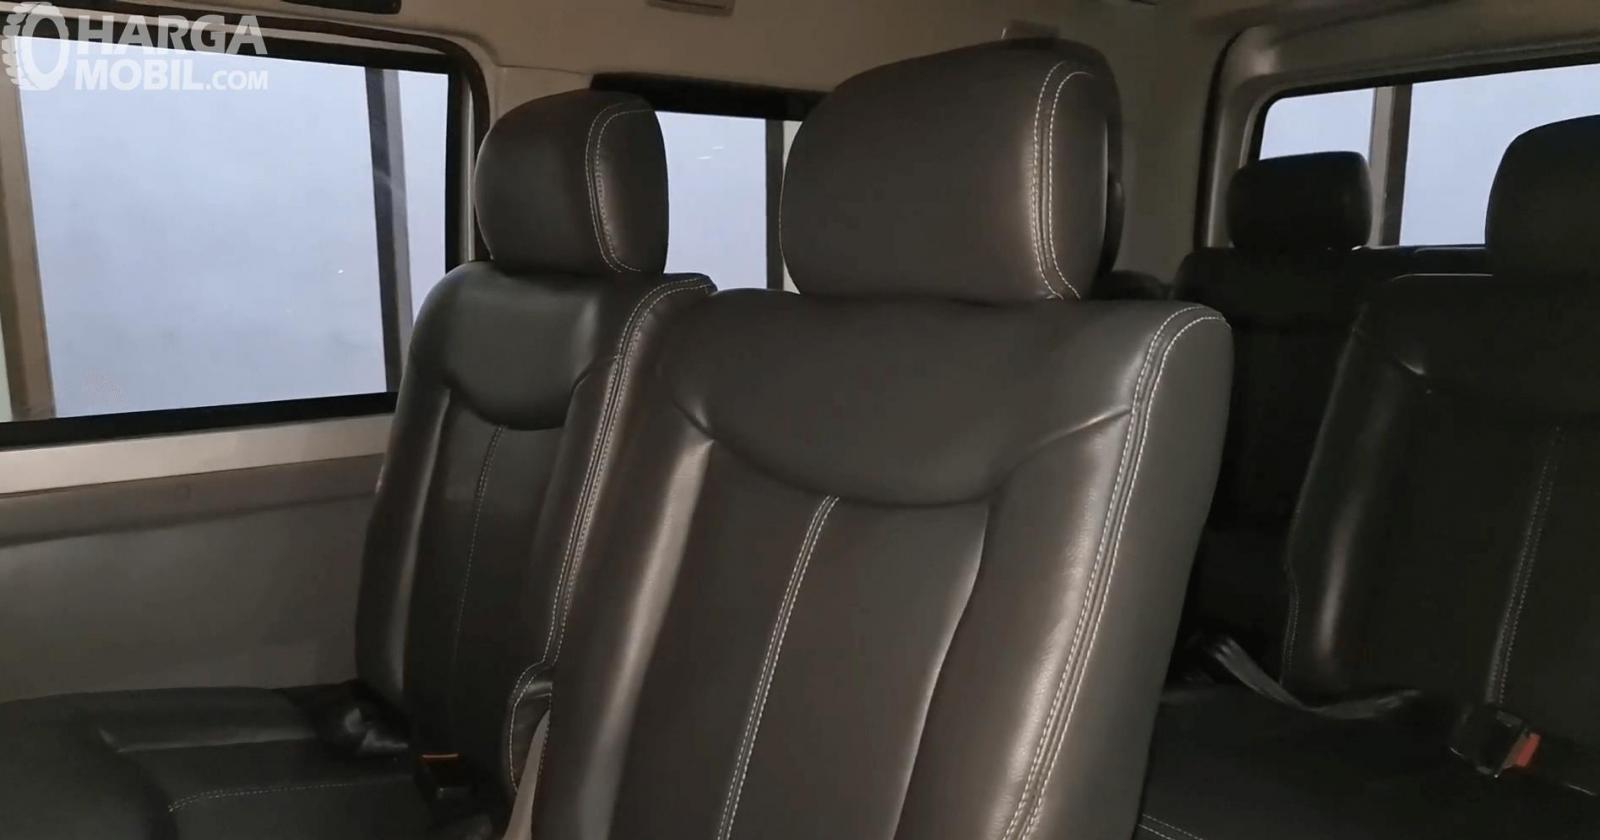 Gambar ini menunjukkan jok mobil Suzuki New Carry Minibus 2020